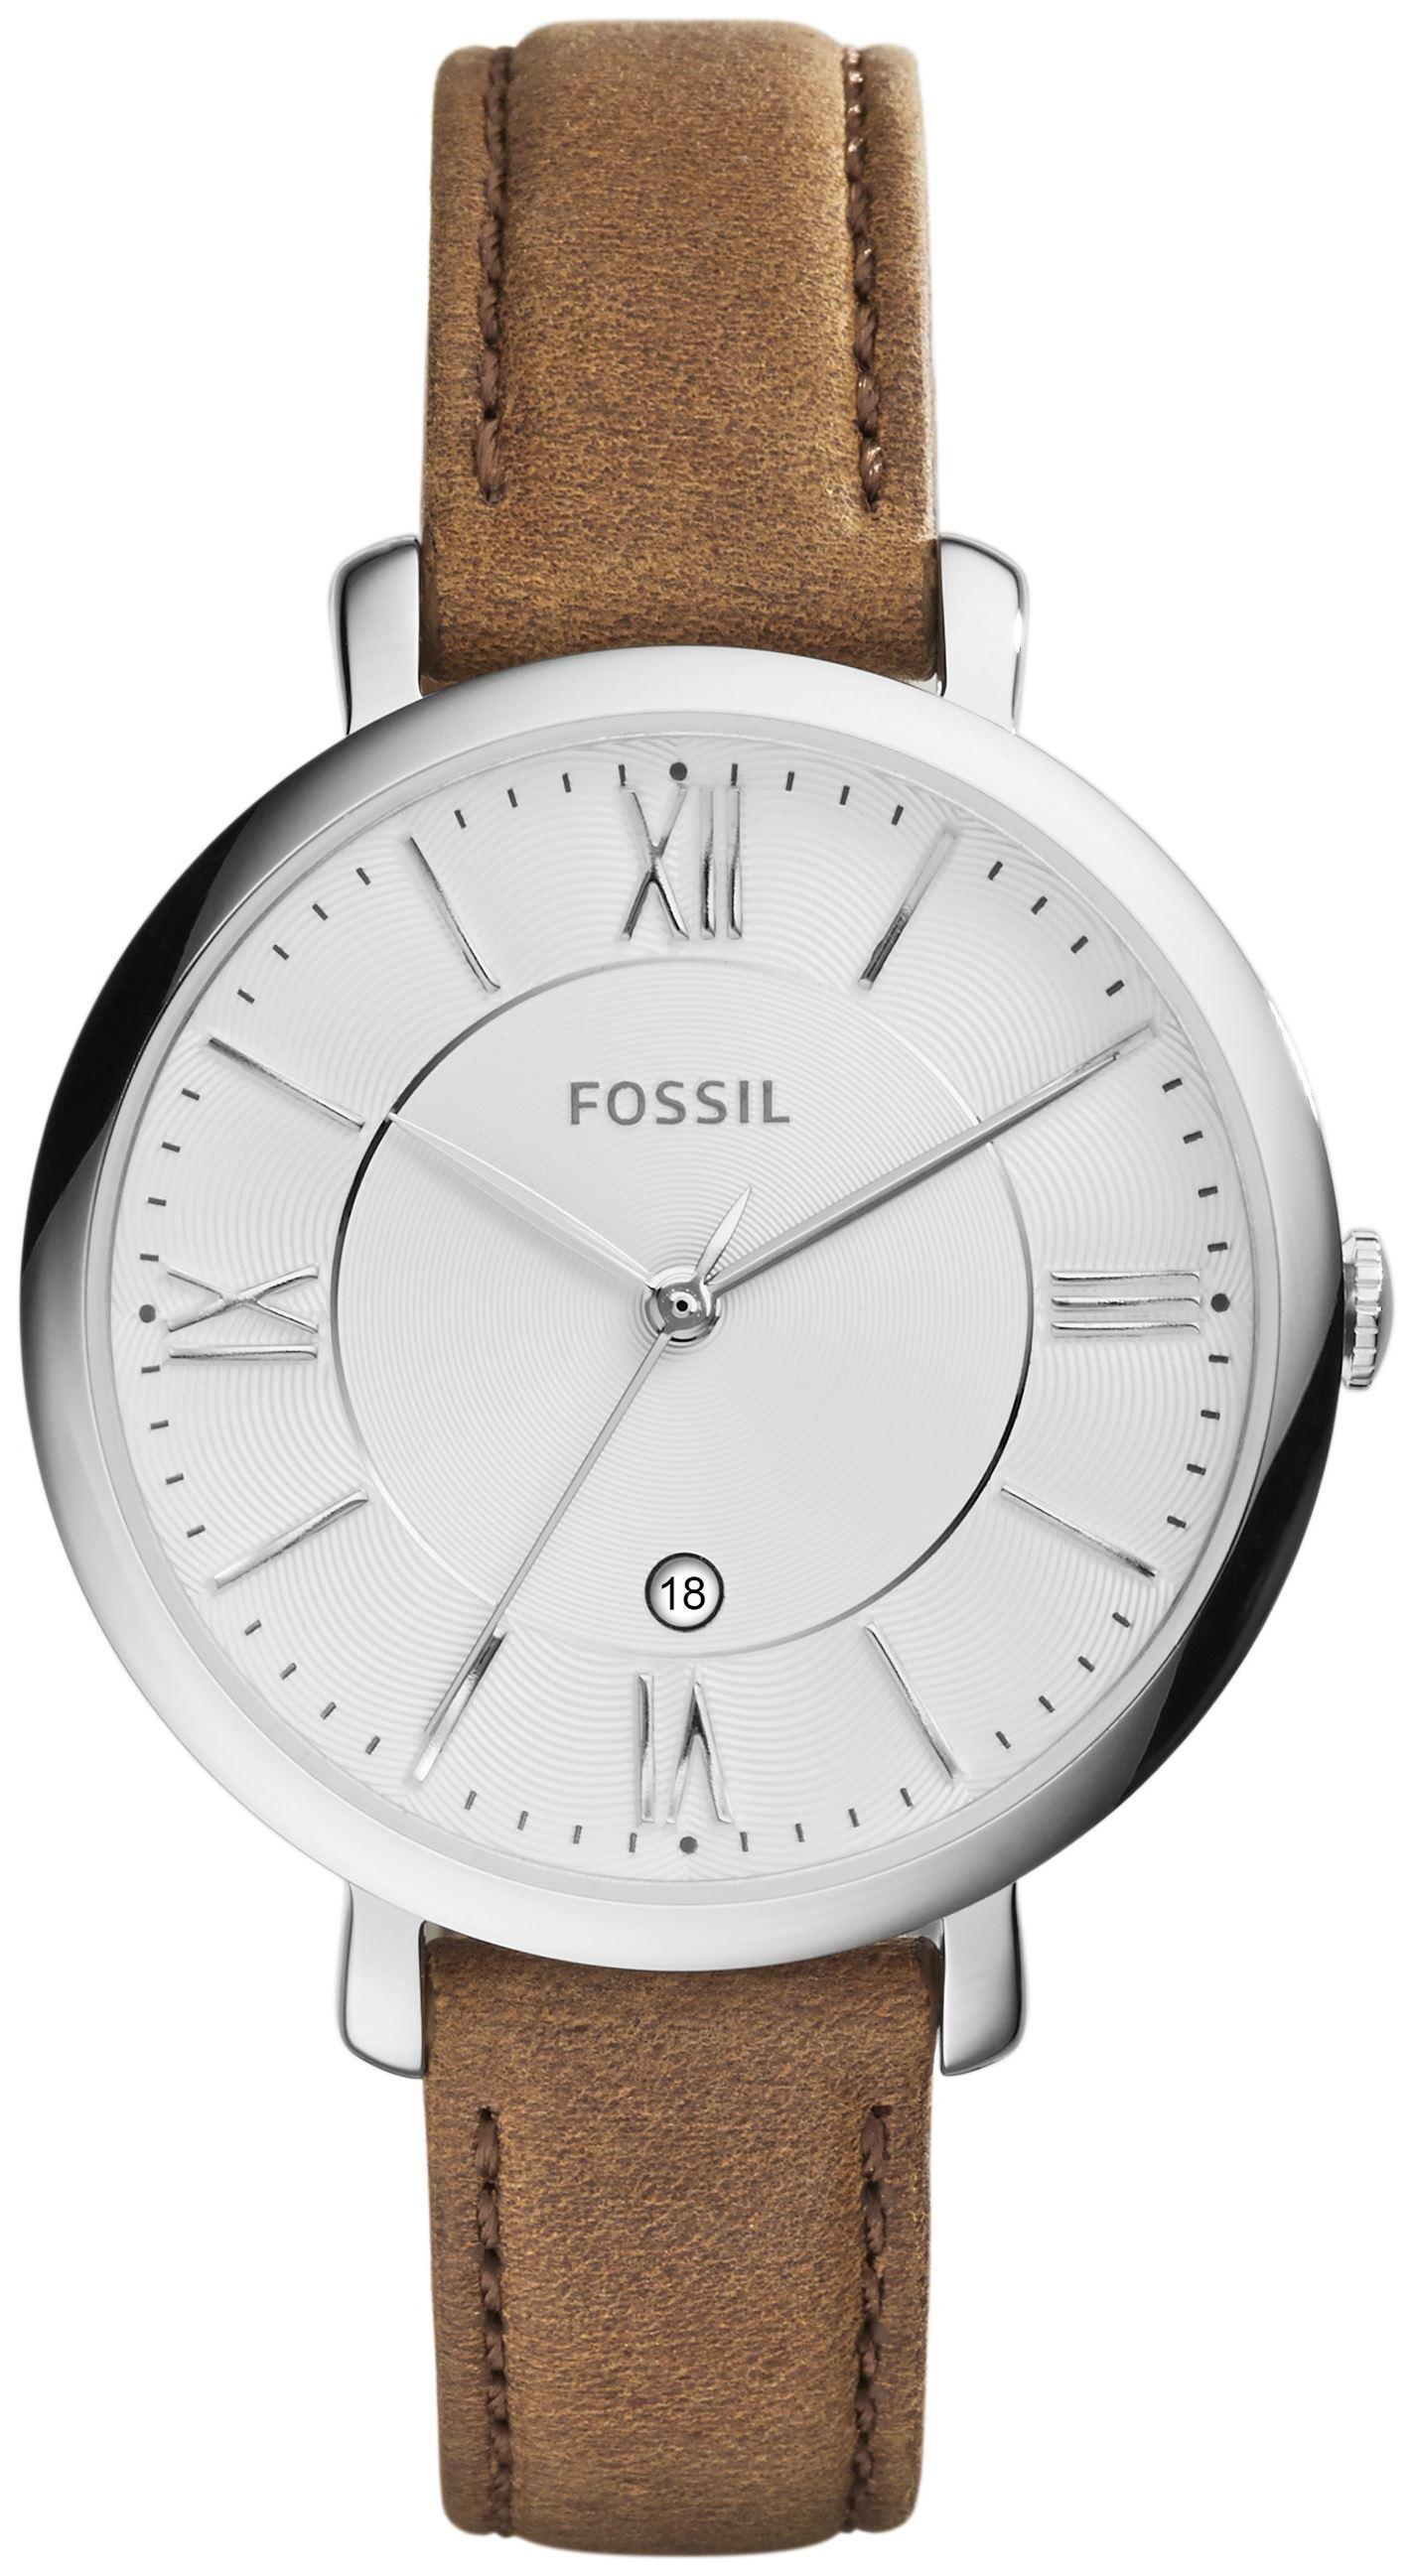 Fossil Dress Dameklokke ES3708 Sølvfarget/Lær Ø36 mm - Fossil